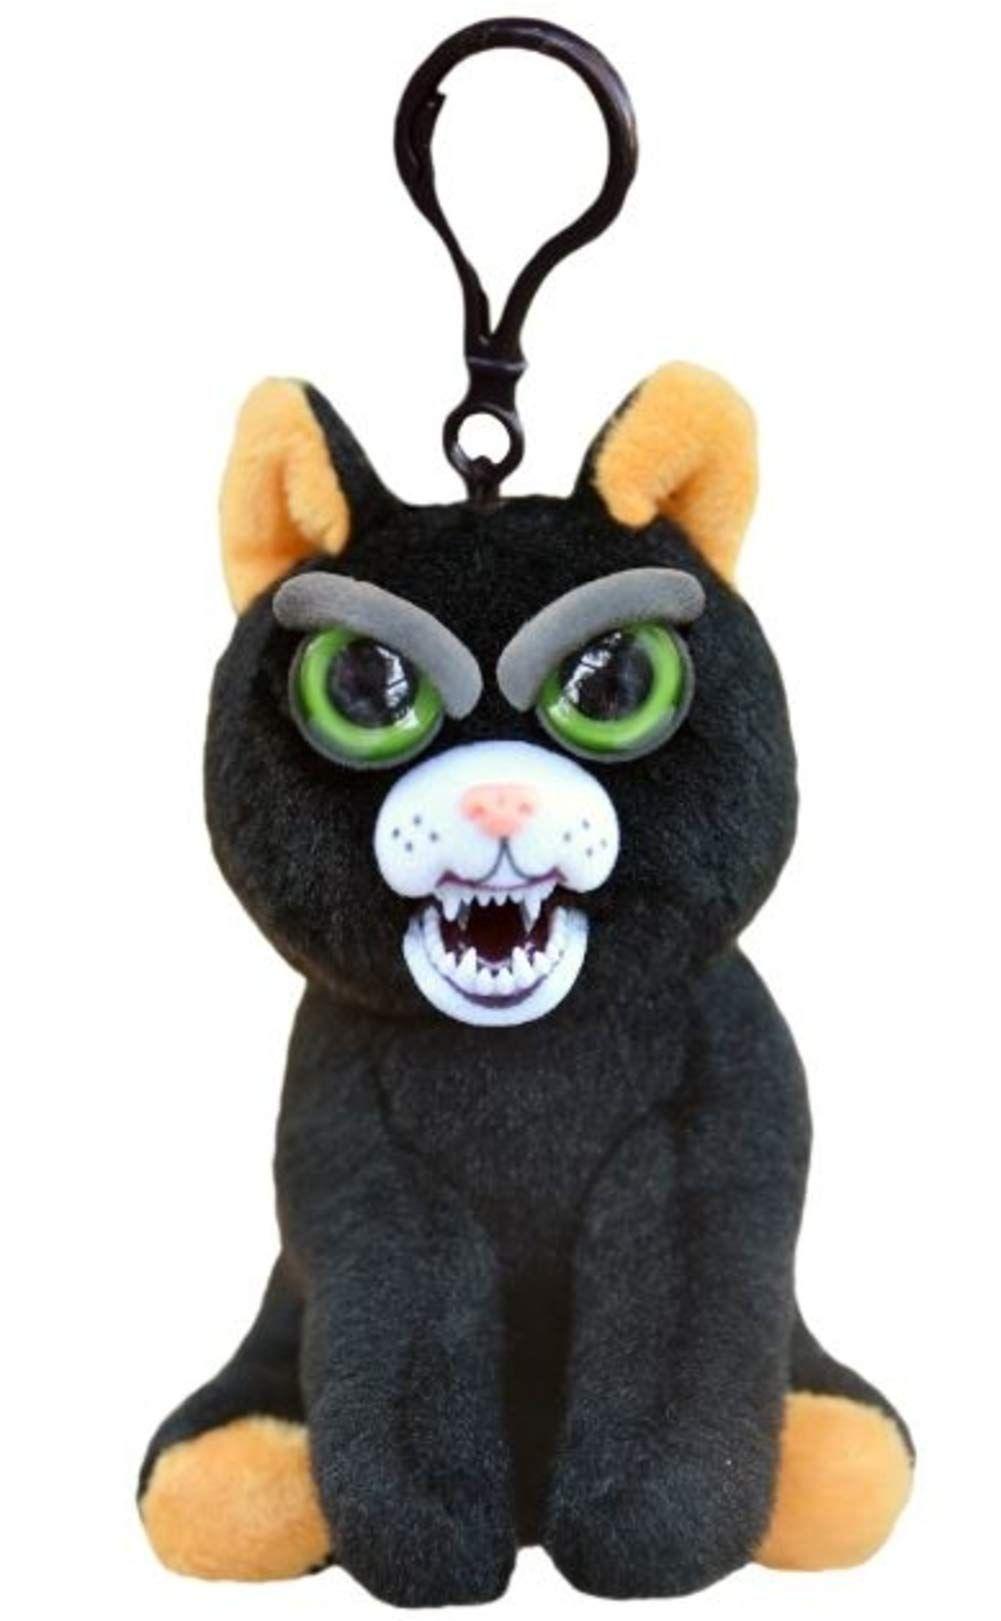 Feisty Pets Mini Black Cat Katy Cobweb Stuffed Attitude Plush